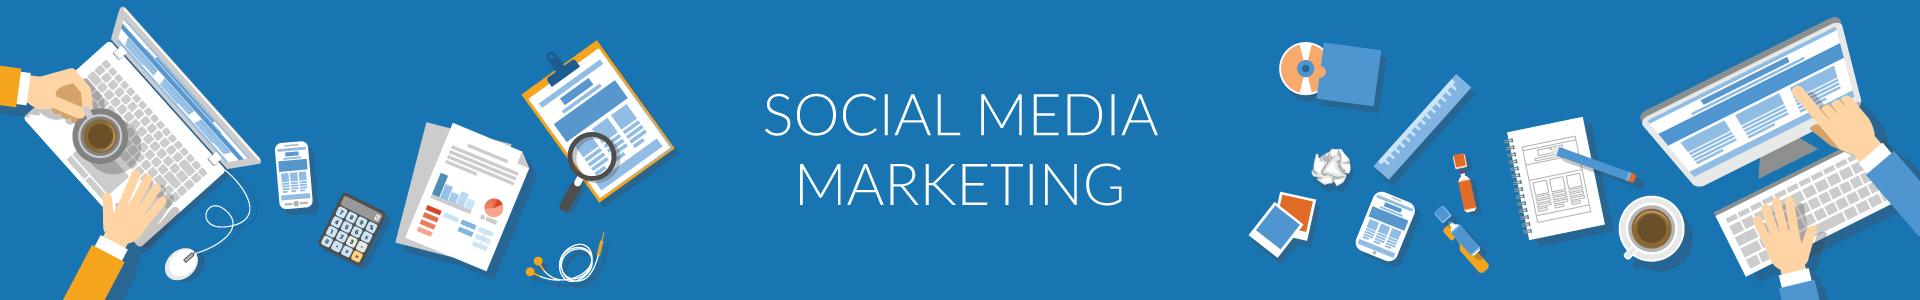 social-media-header.png